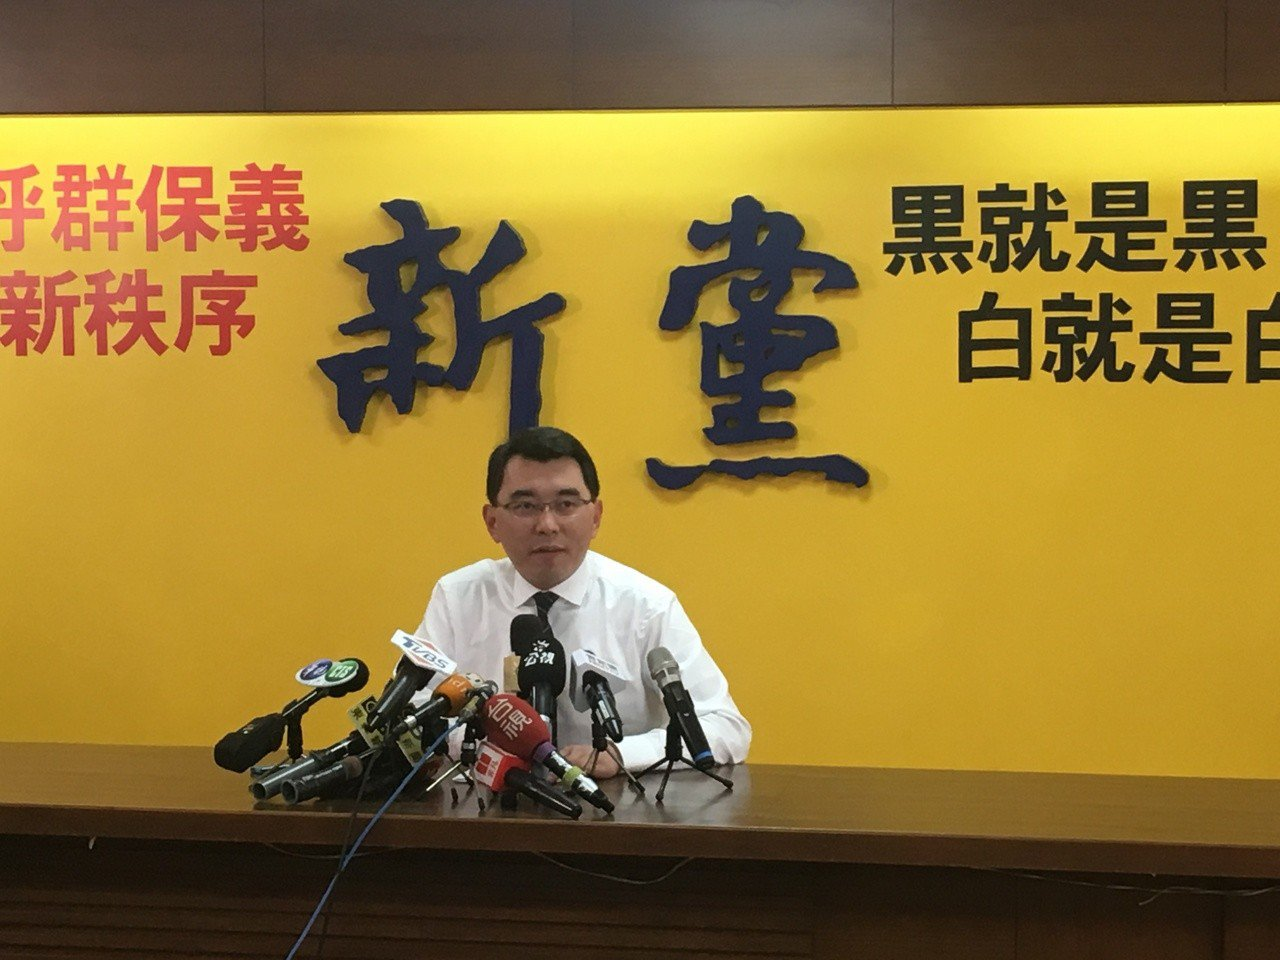 楊世光舉行記者會,要與黃國昌「對賭雞排」。記者程嘉文/攝影